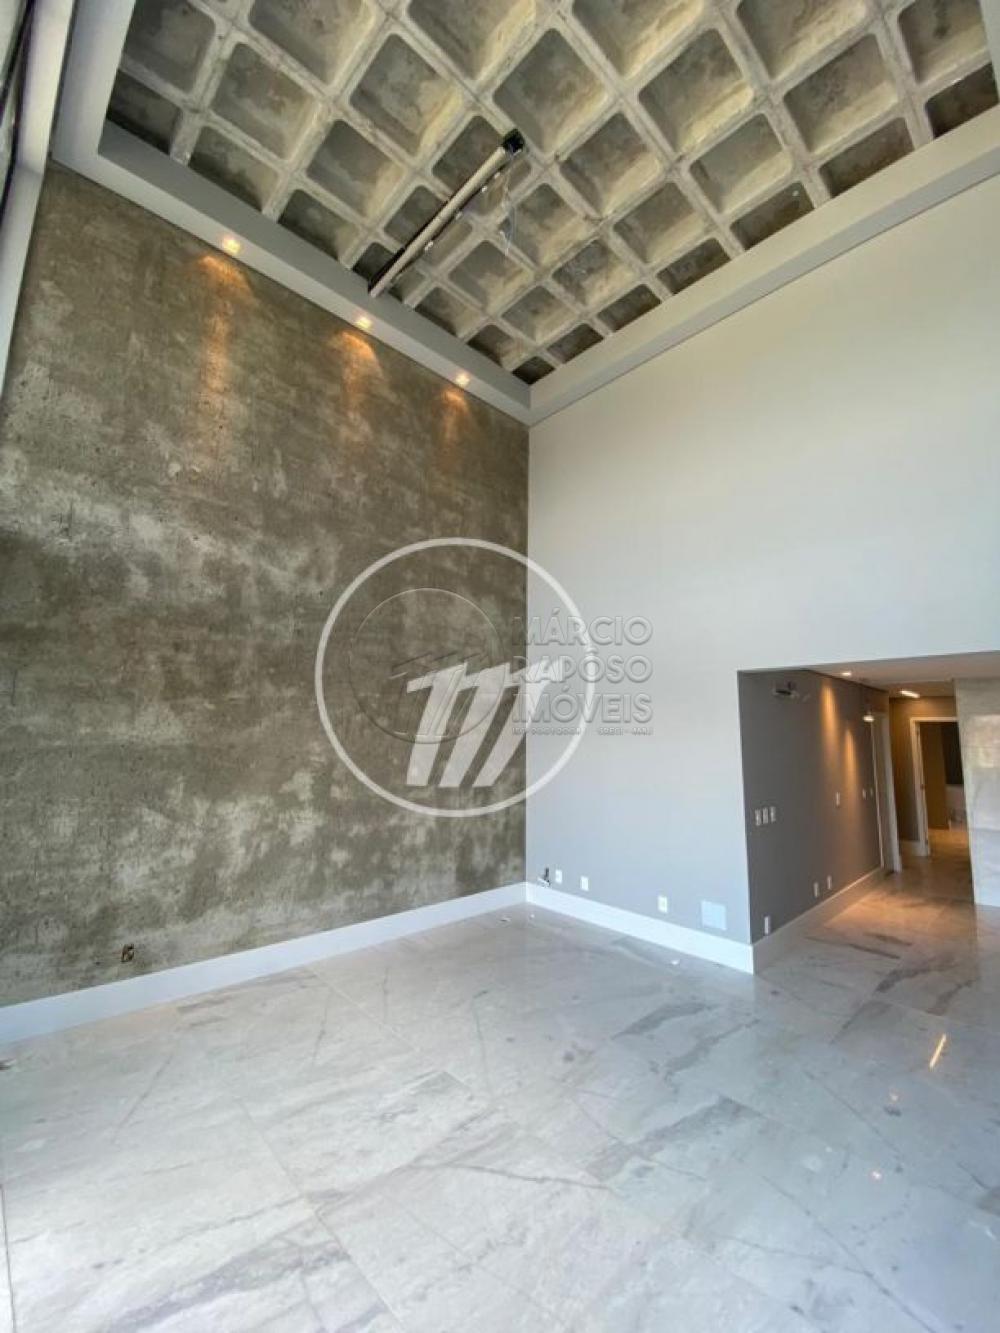 Comprar Apartamento / Flat em Maceió apenas R$ 1.700.000,00 - Foto 13